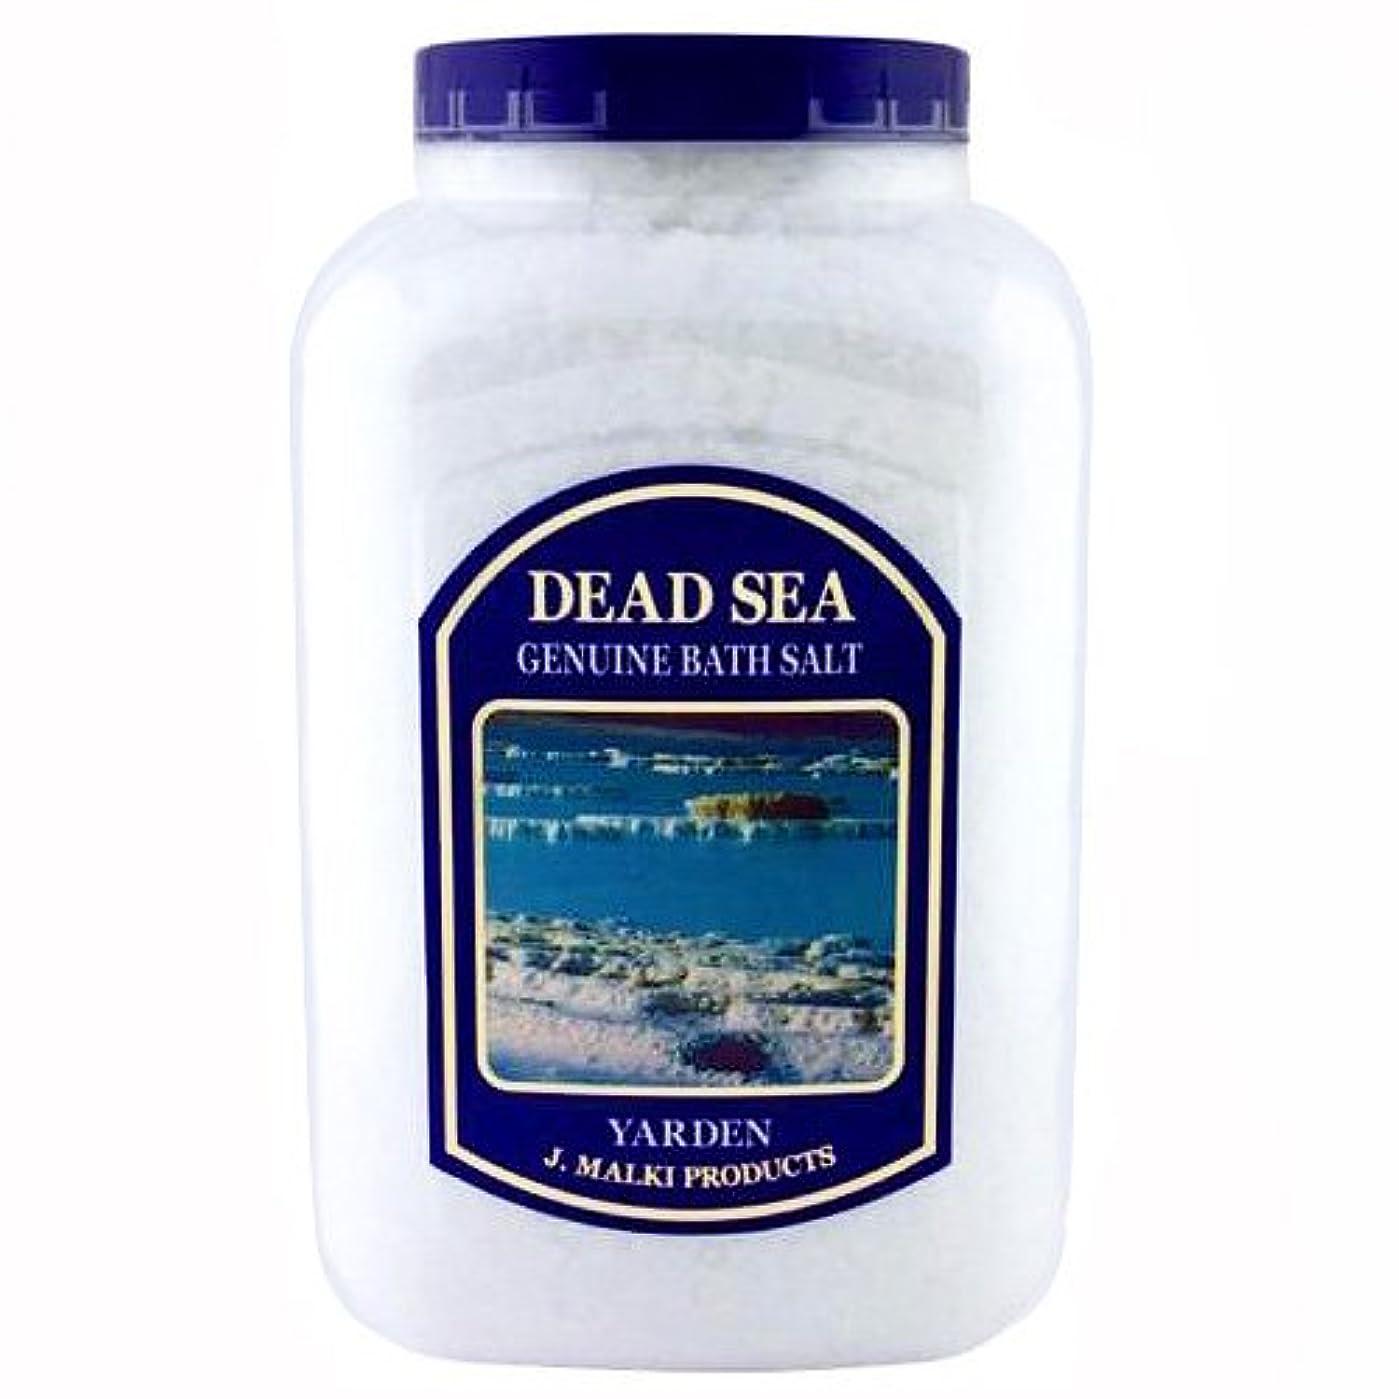 縁石冷ややかな誇りデッドシー?バスソルト 4.5kg(約45回分)【DEAD SEA BATH SALT】死海の塩/入浴剤(入浴用化粧品)【正規販売店】